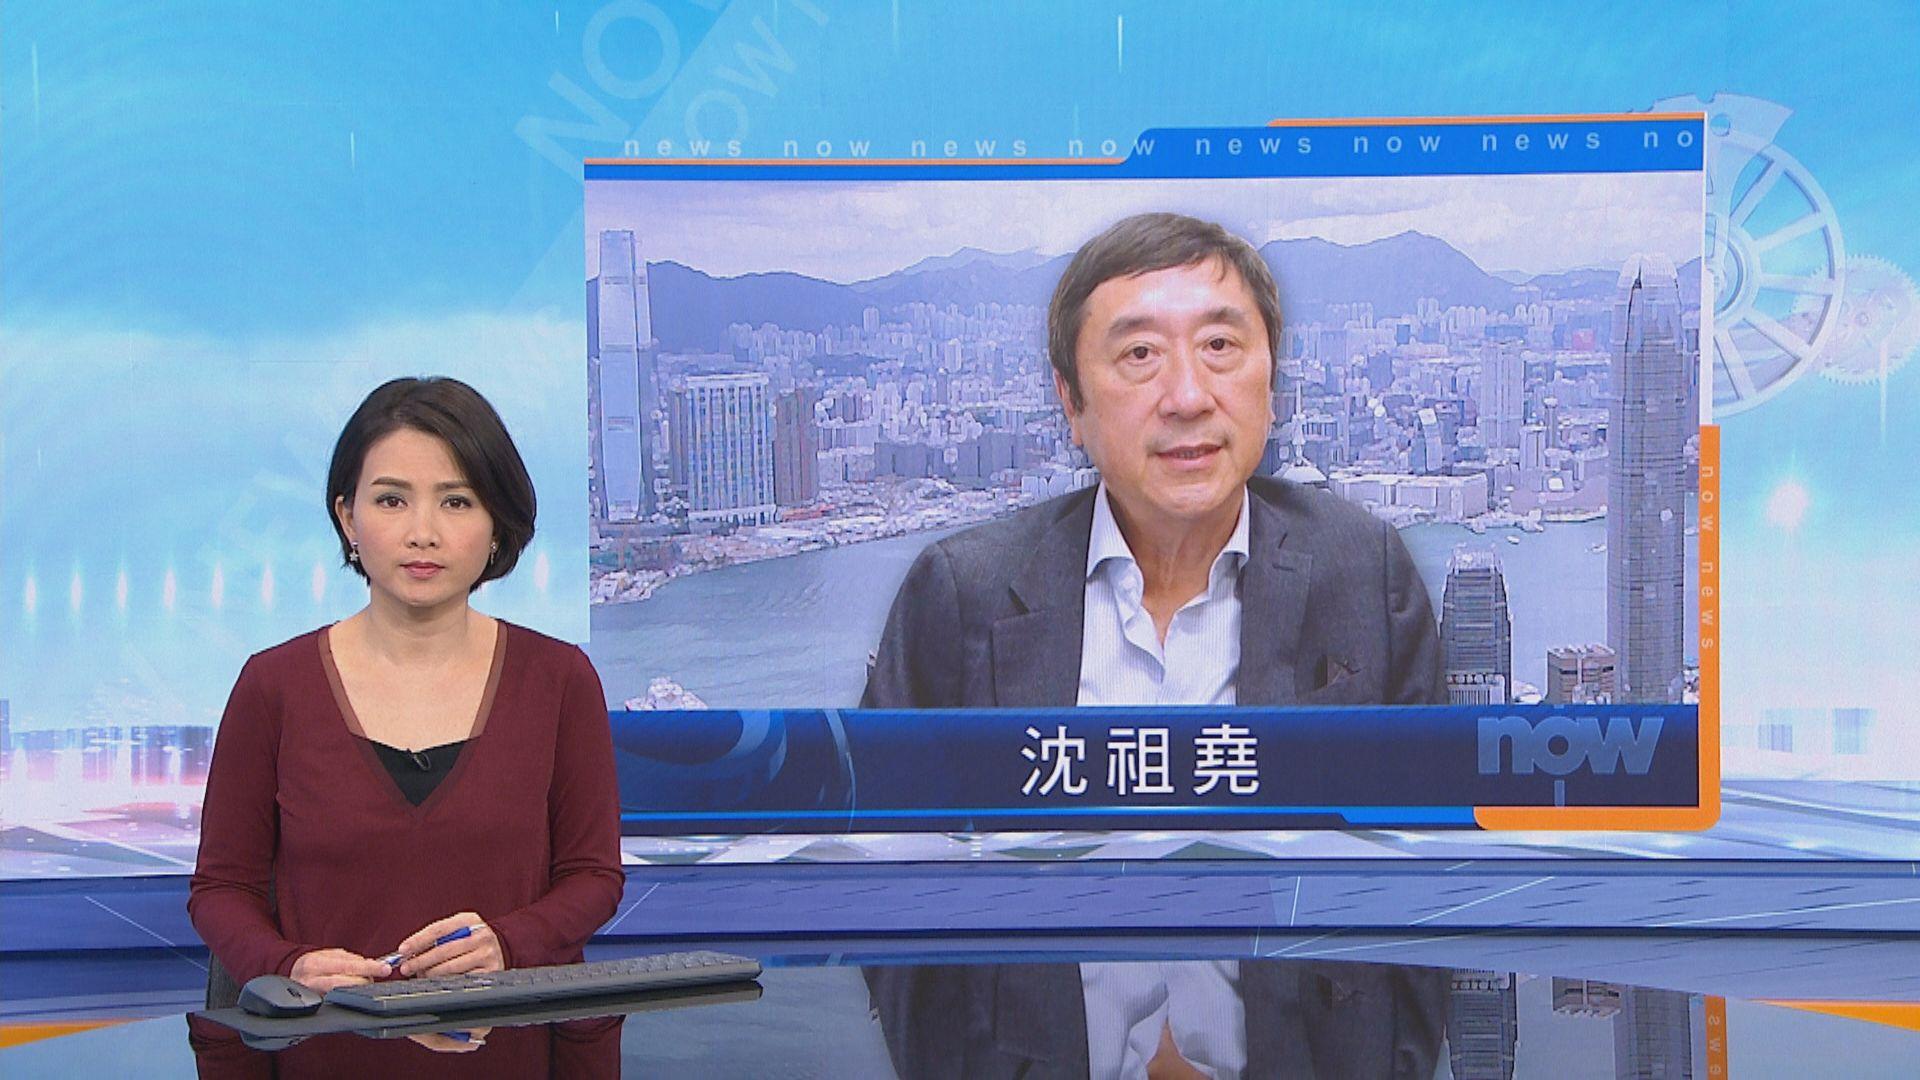 沈祖堯:盼能建立香港新加坡防疫上合作關係